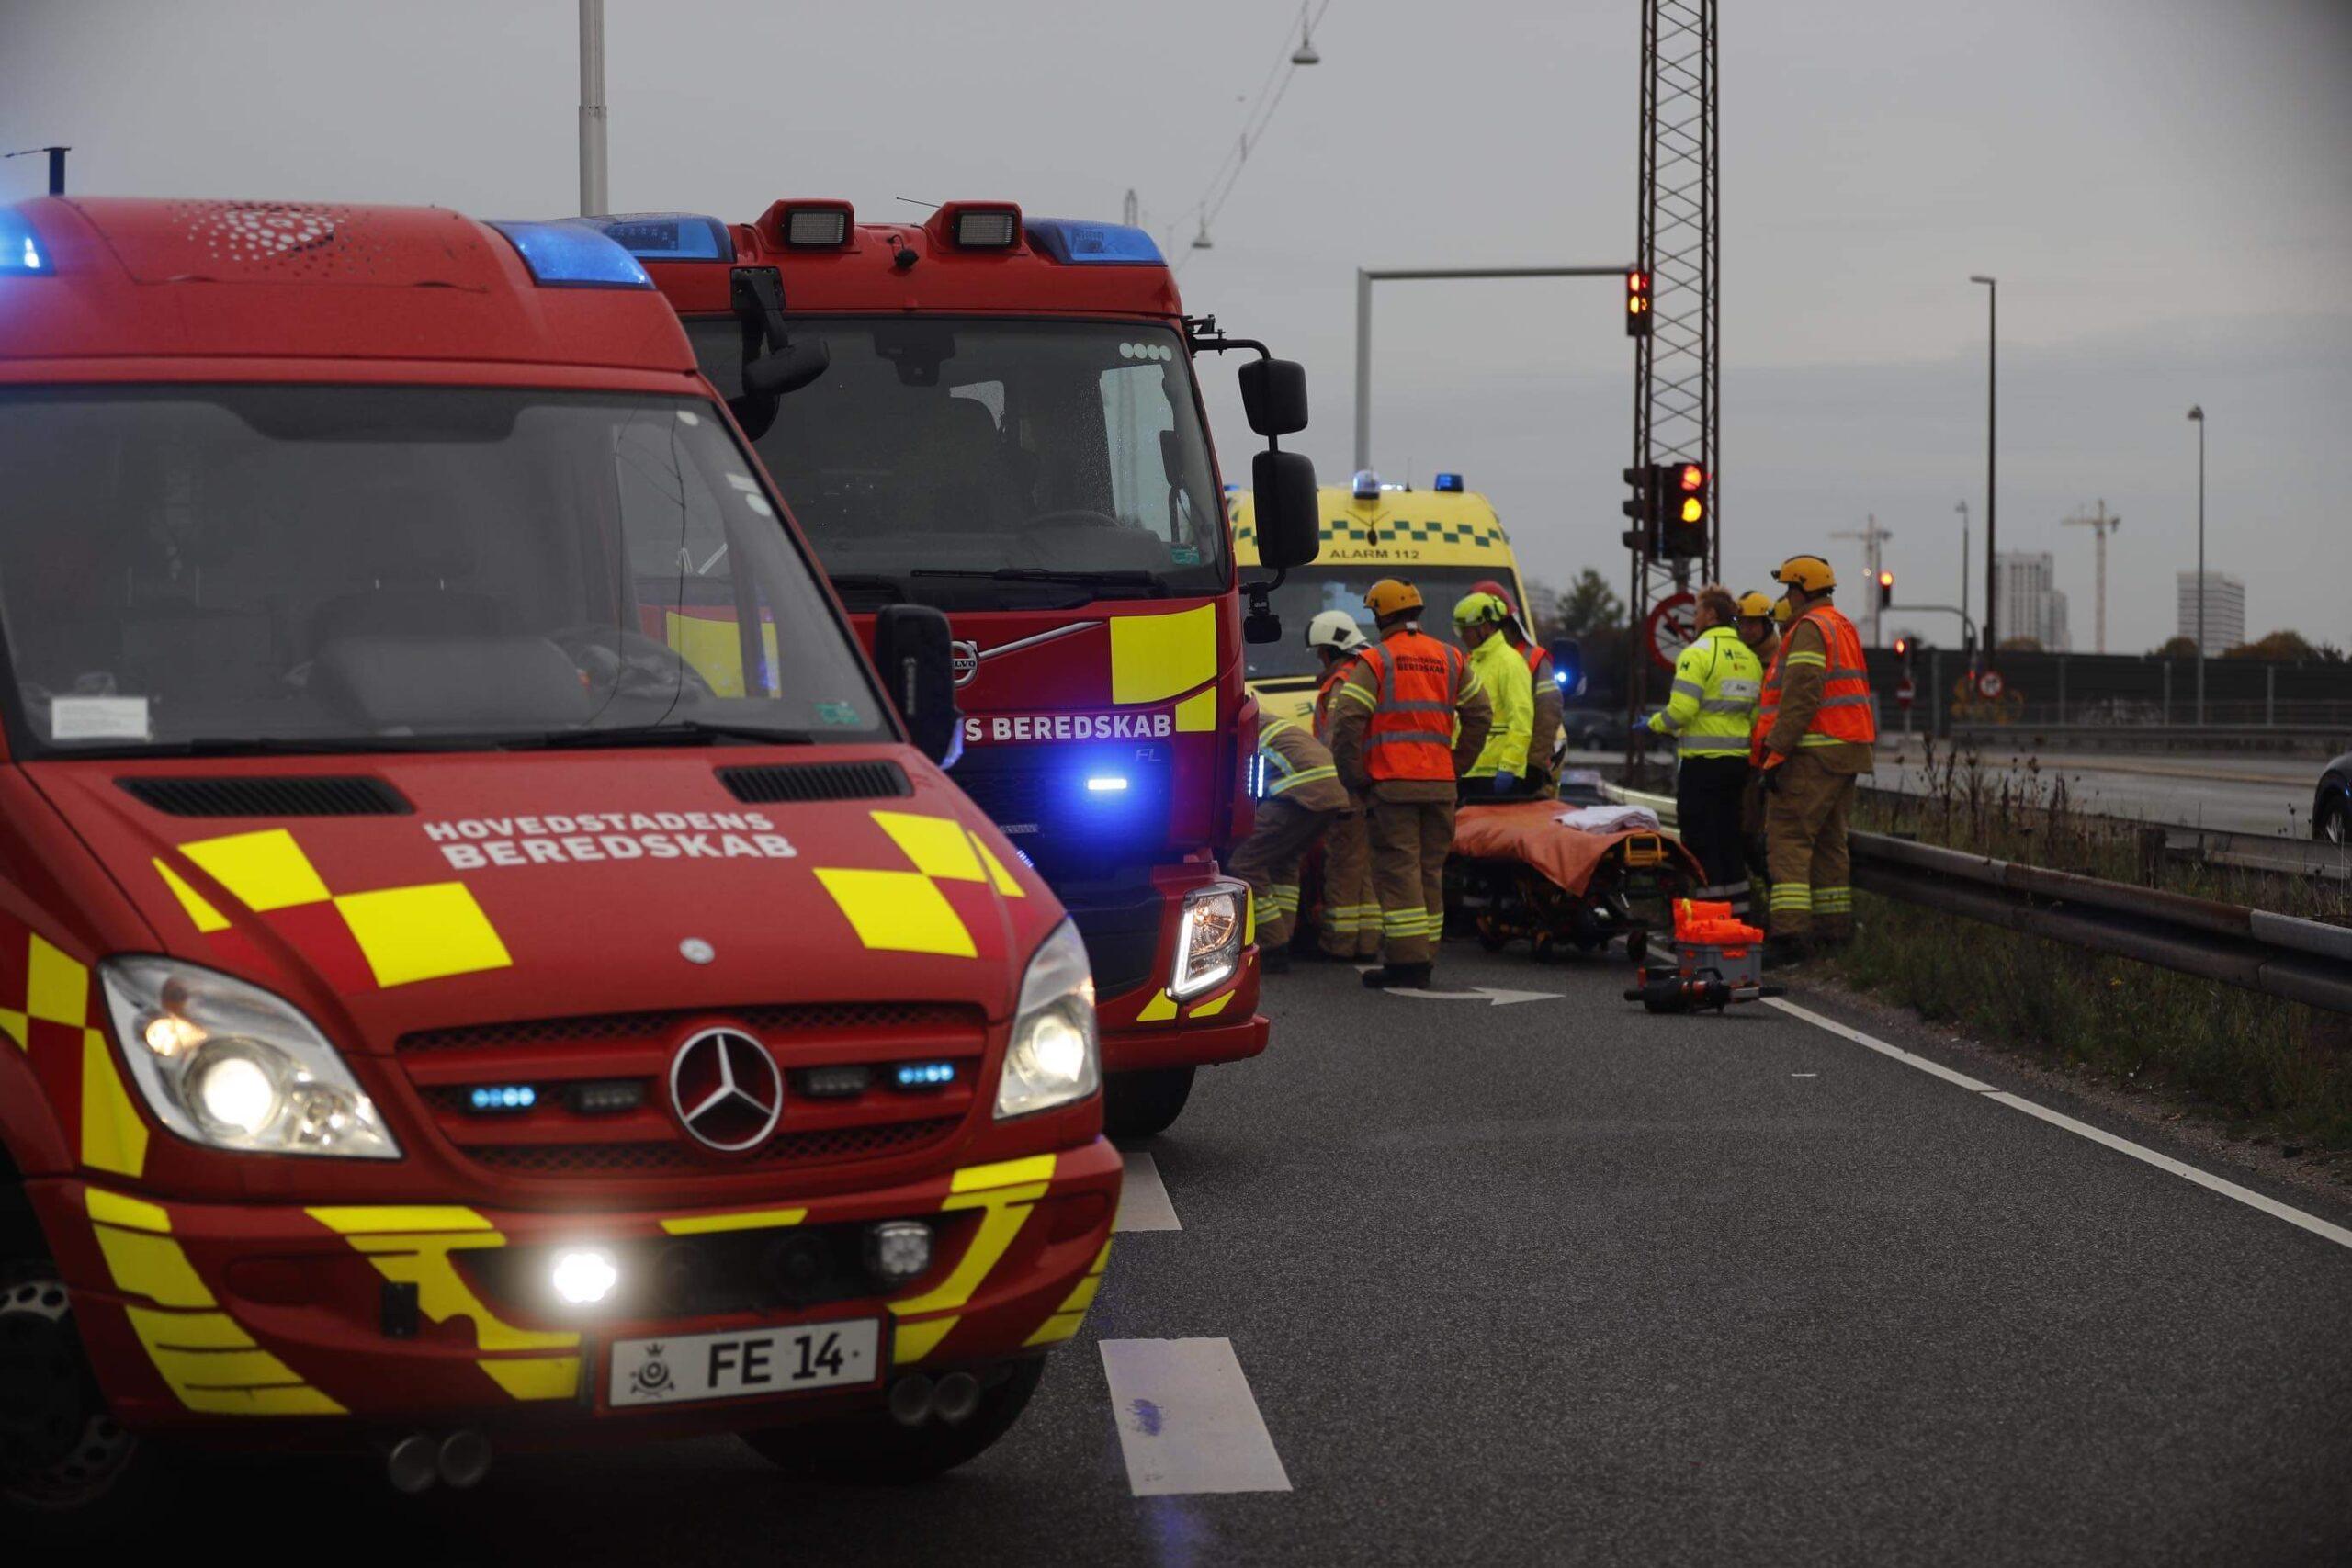 Ambulance i voldsom ulykke - redning er på stedet